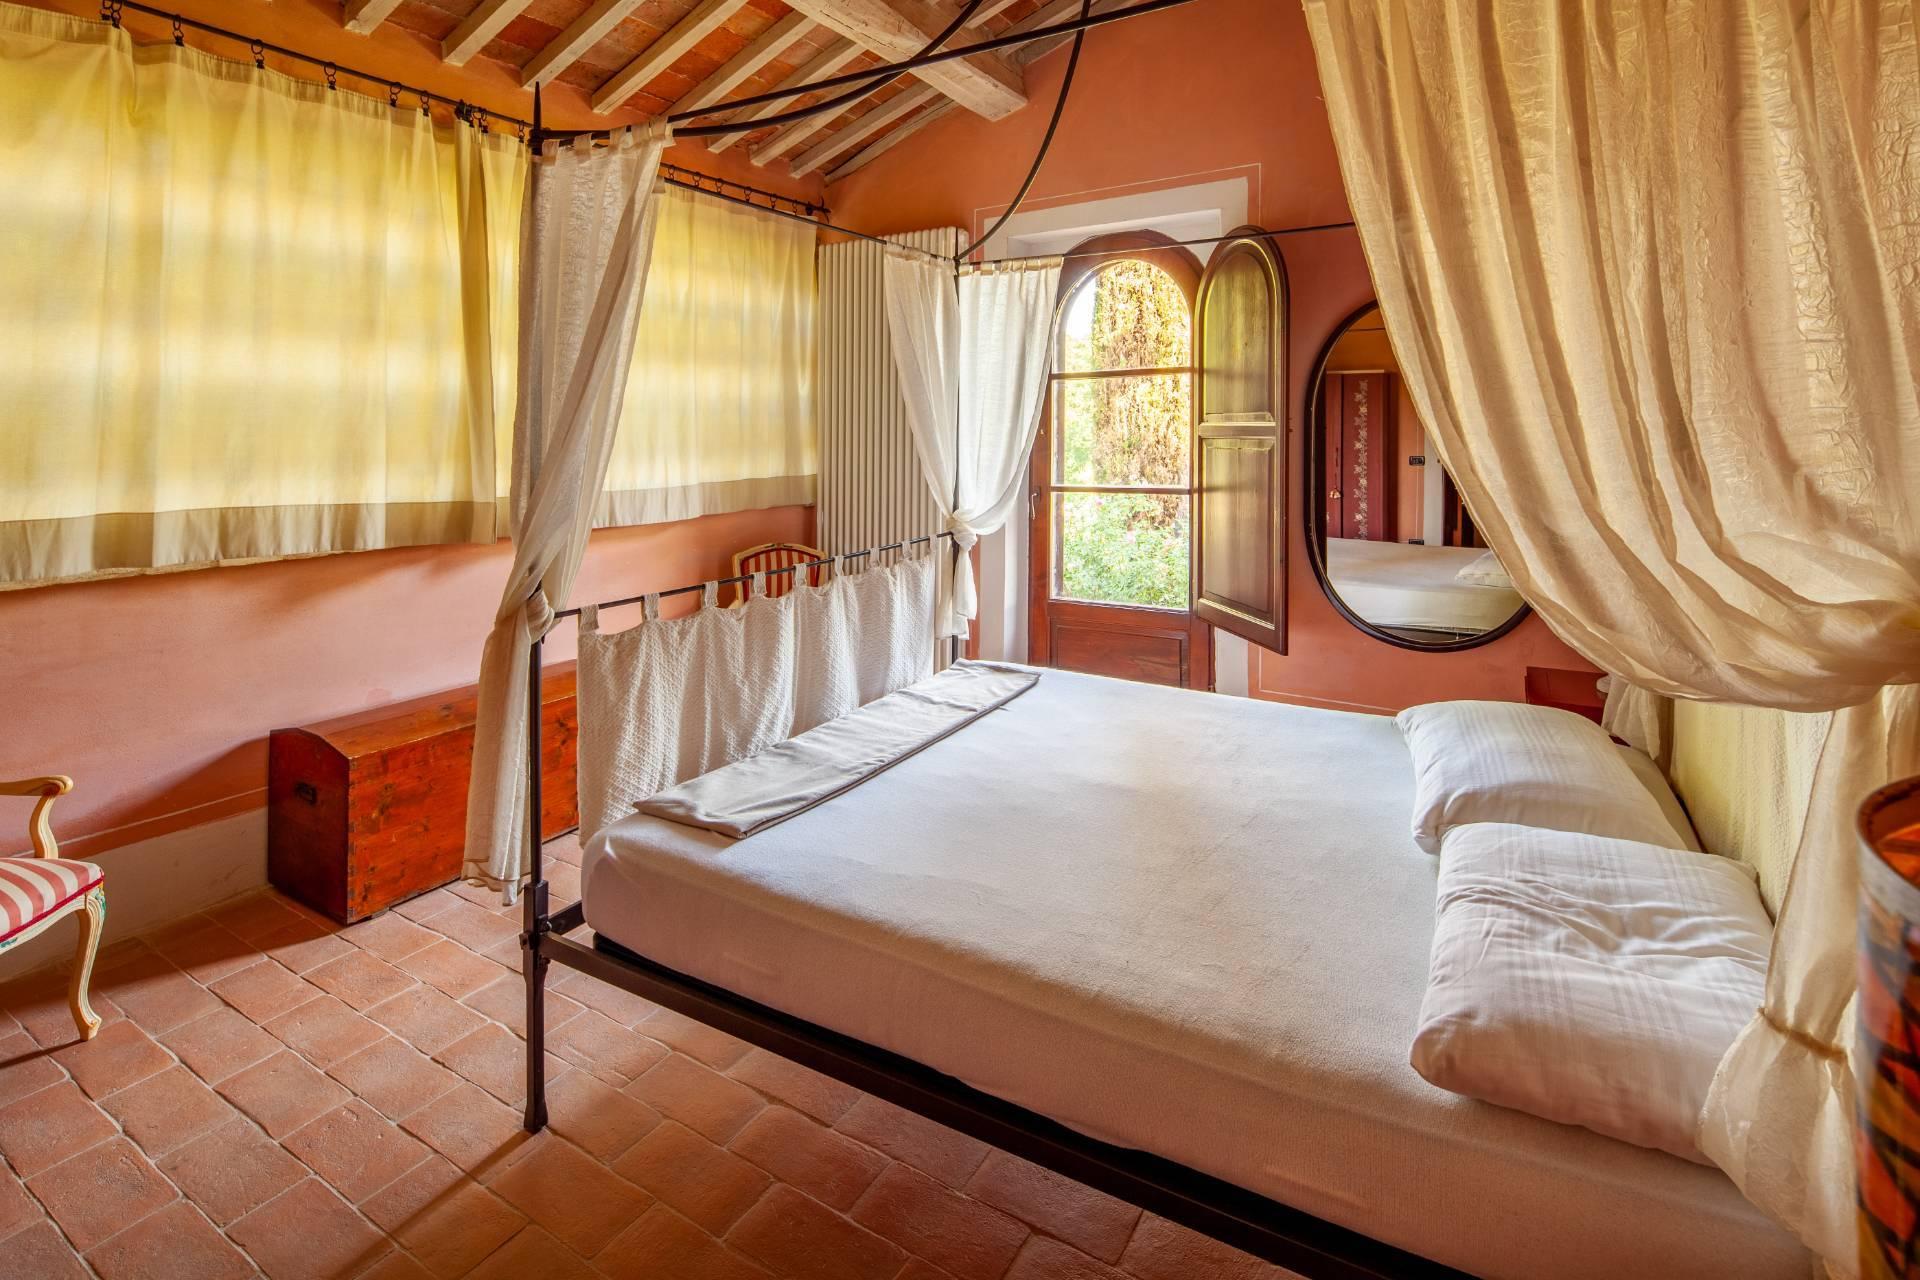 Villa in Vendita a Citta' Della Pieve: 5 locali, 300 mq - Foto 8